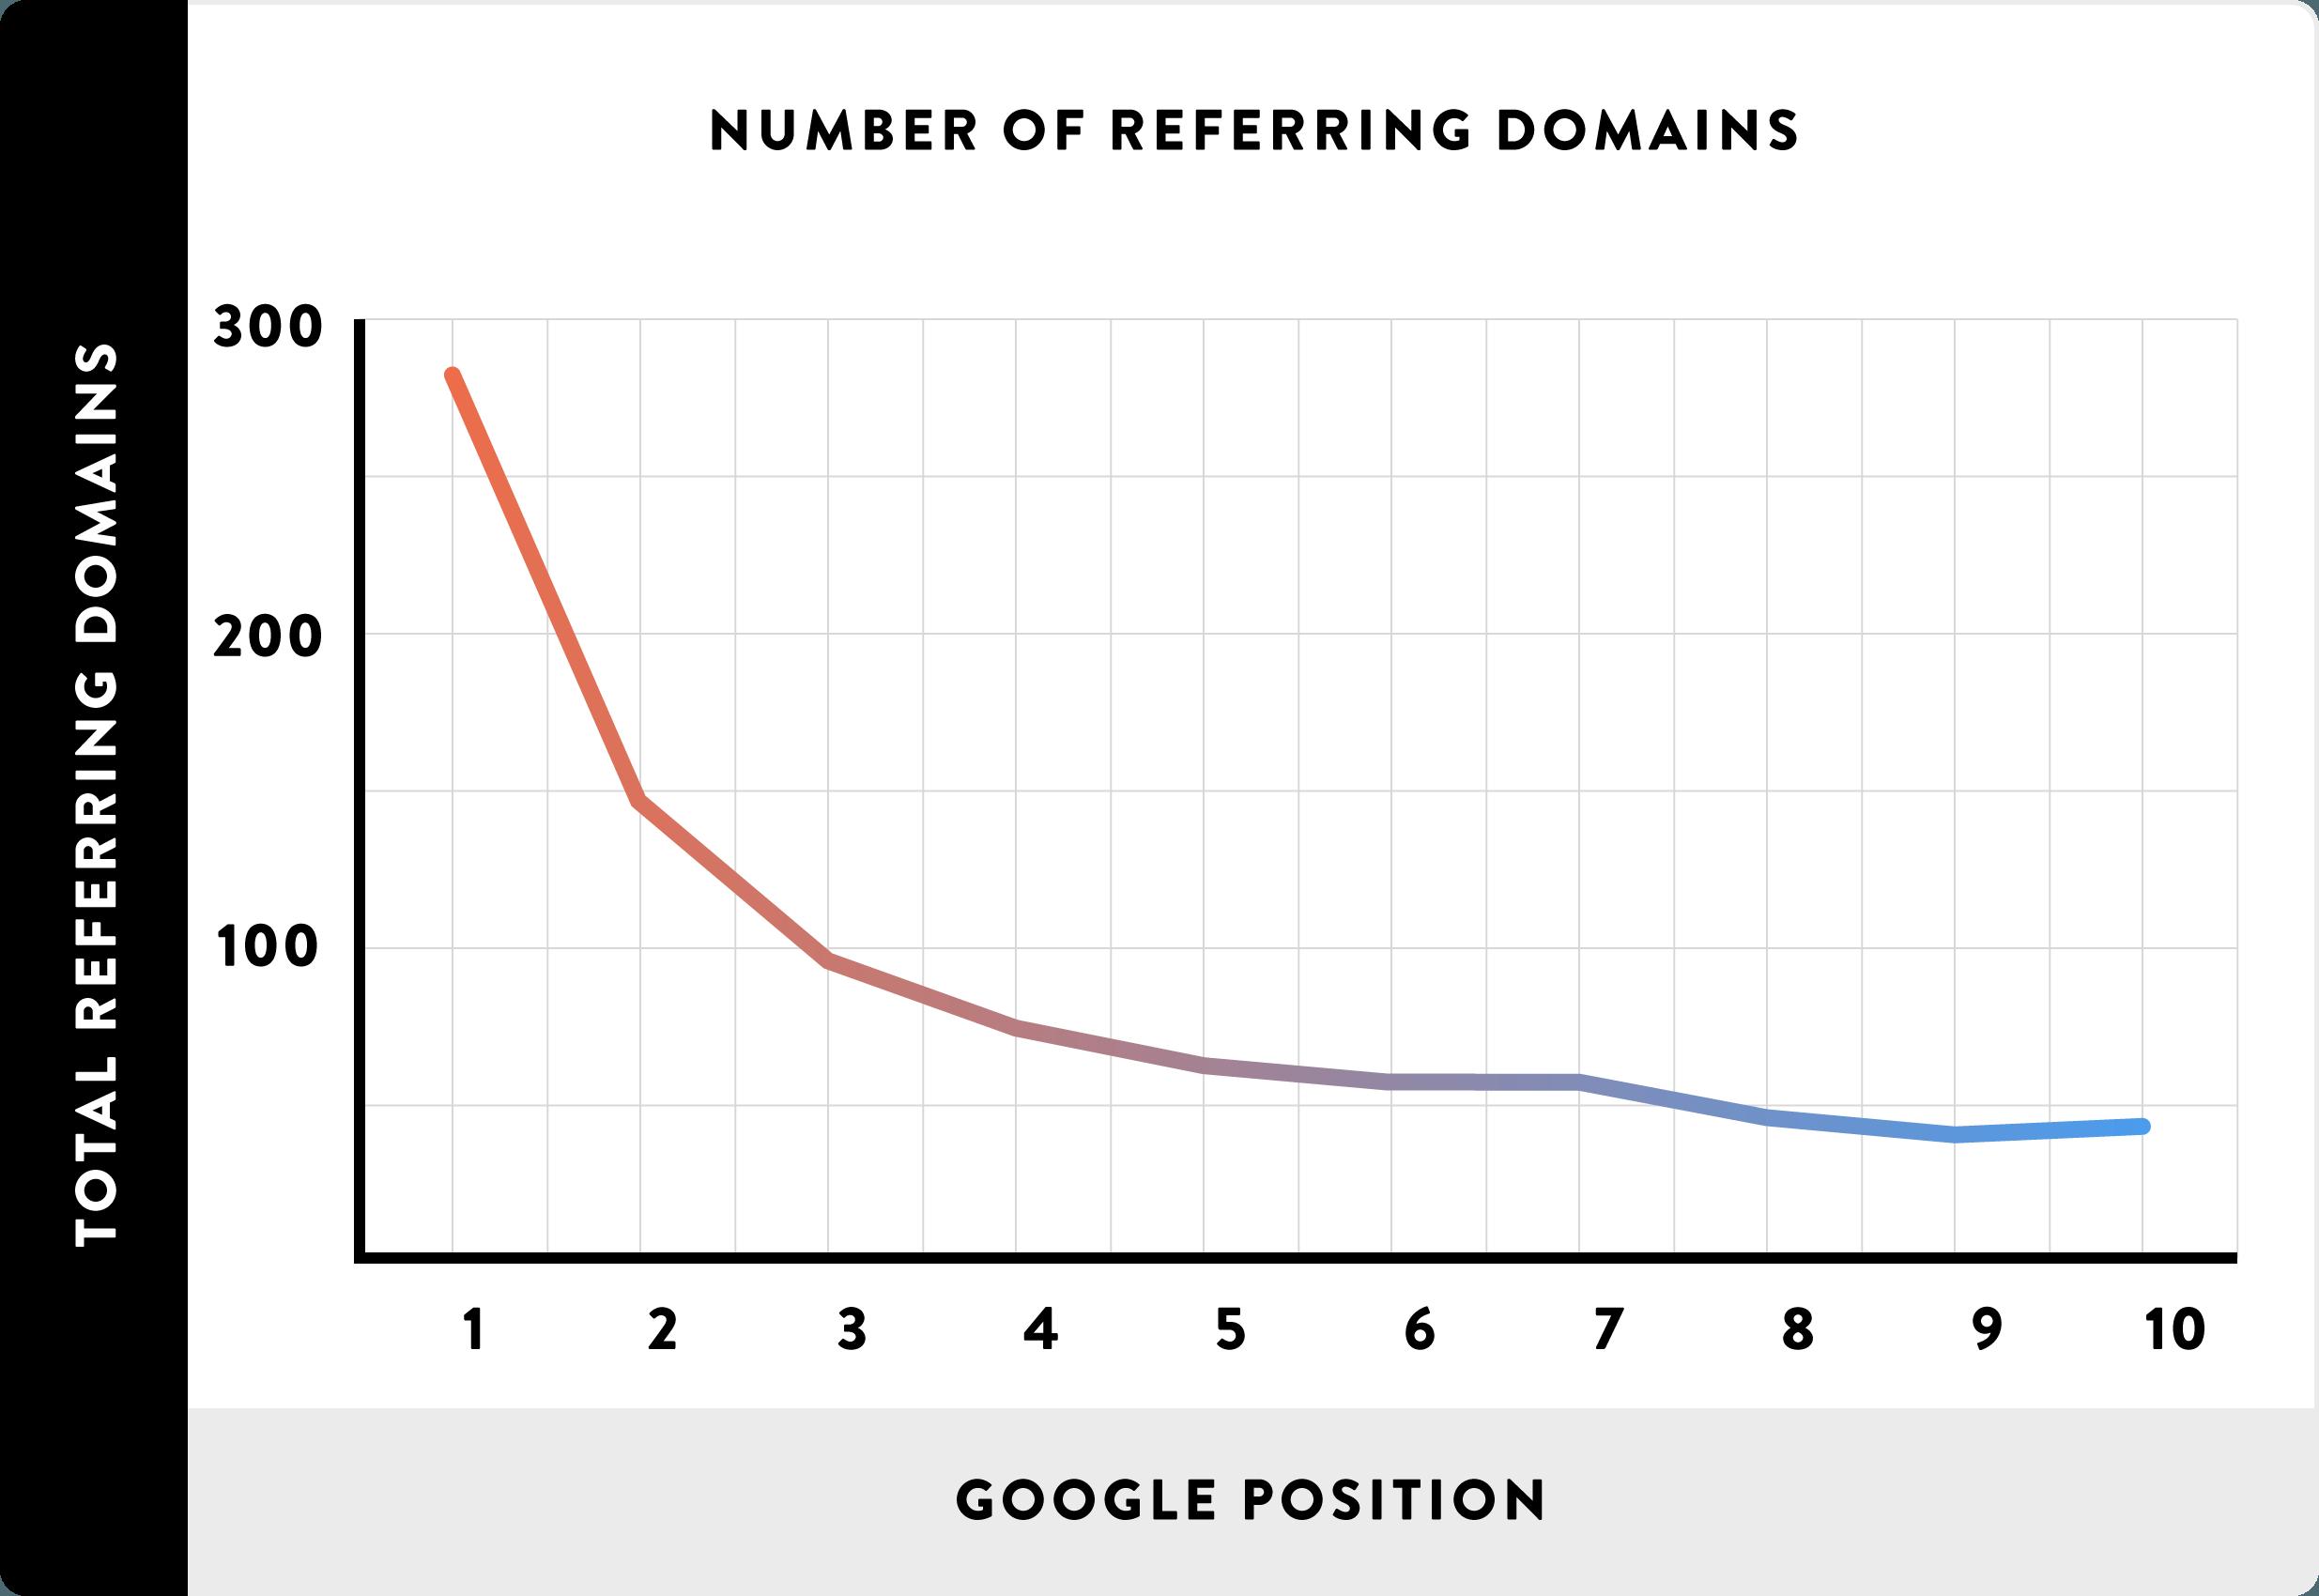 La correlación entre el número de dominios referidos y el rango de Google